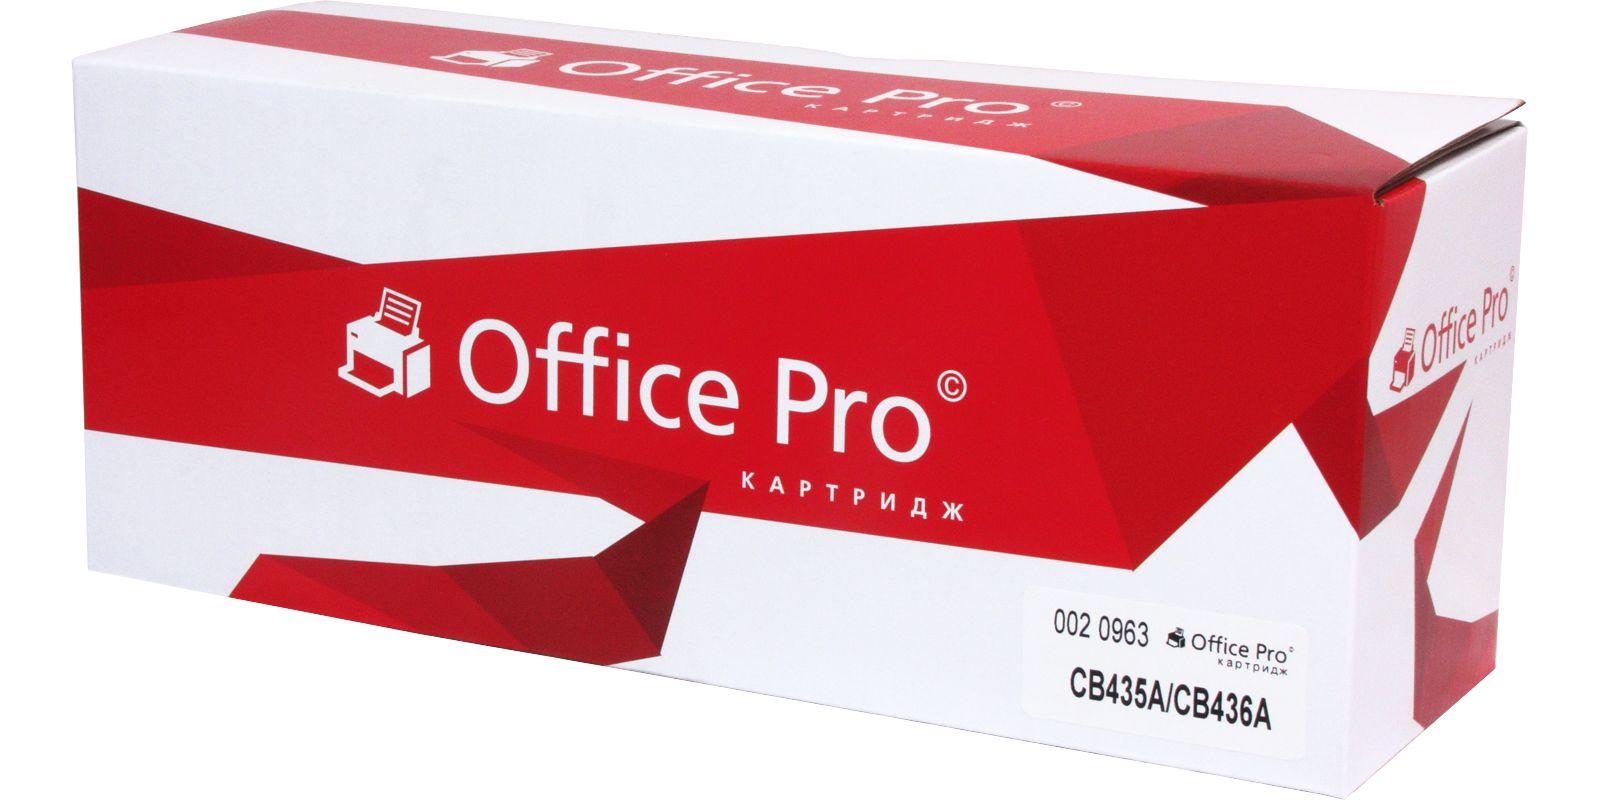 Картридж Office Pro© №35A CB435A, черный, для лазерного принтера картридж profiline pl cb435a cb436a для hp lj p1005 p1006 p1007 p1008 p1505 p1505n m1120 m1120n m1522nf m1522n 2000стр